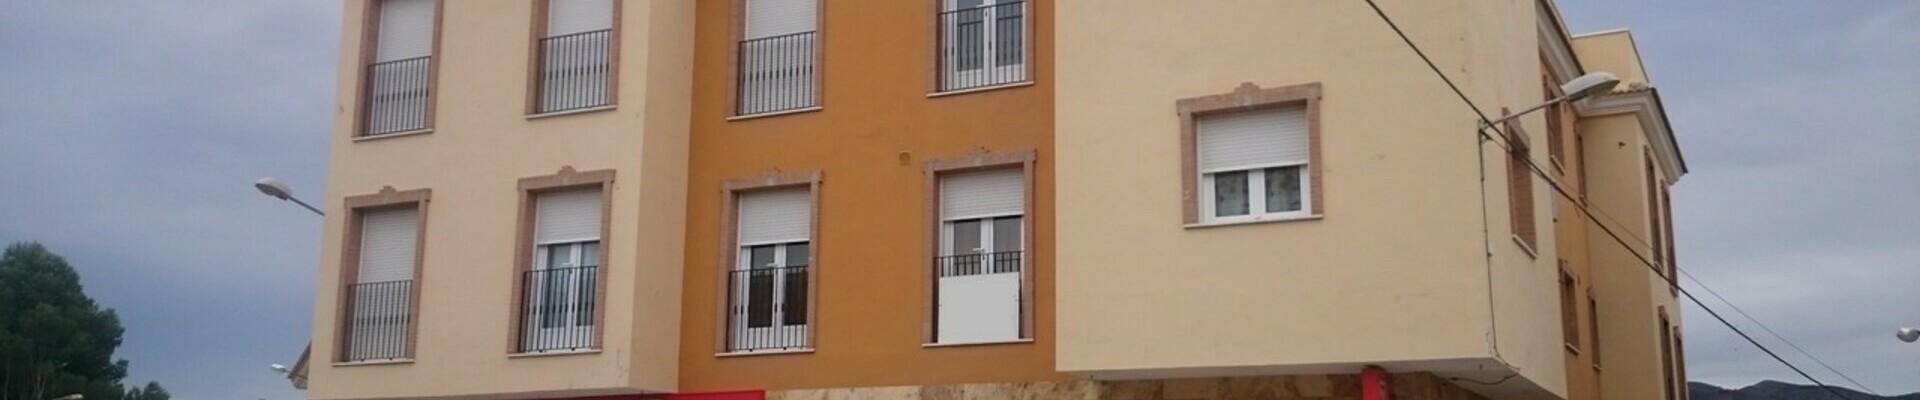 AF730: 2 Bedroom Apartment for Sale